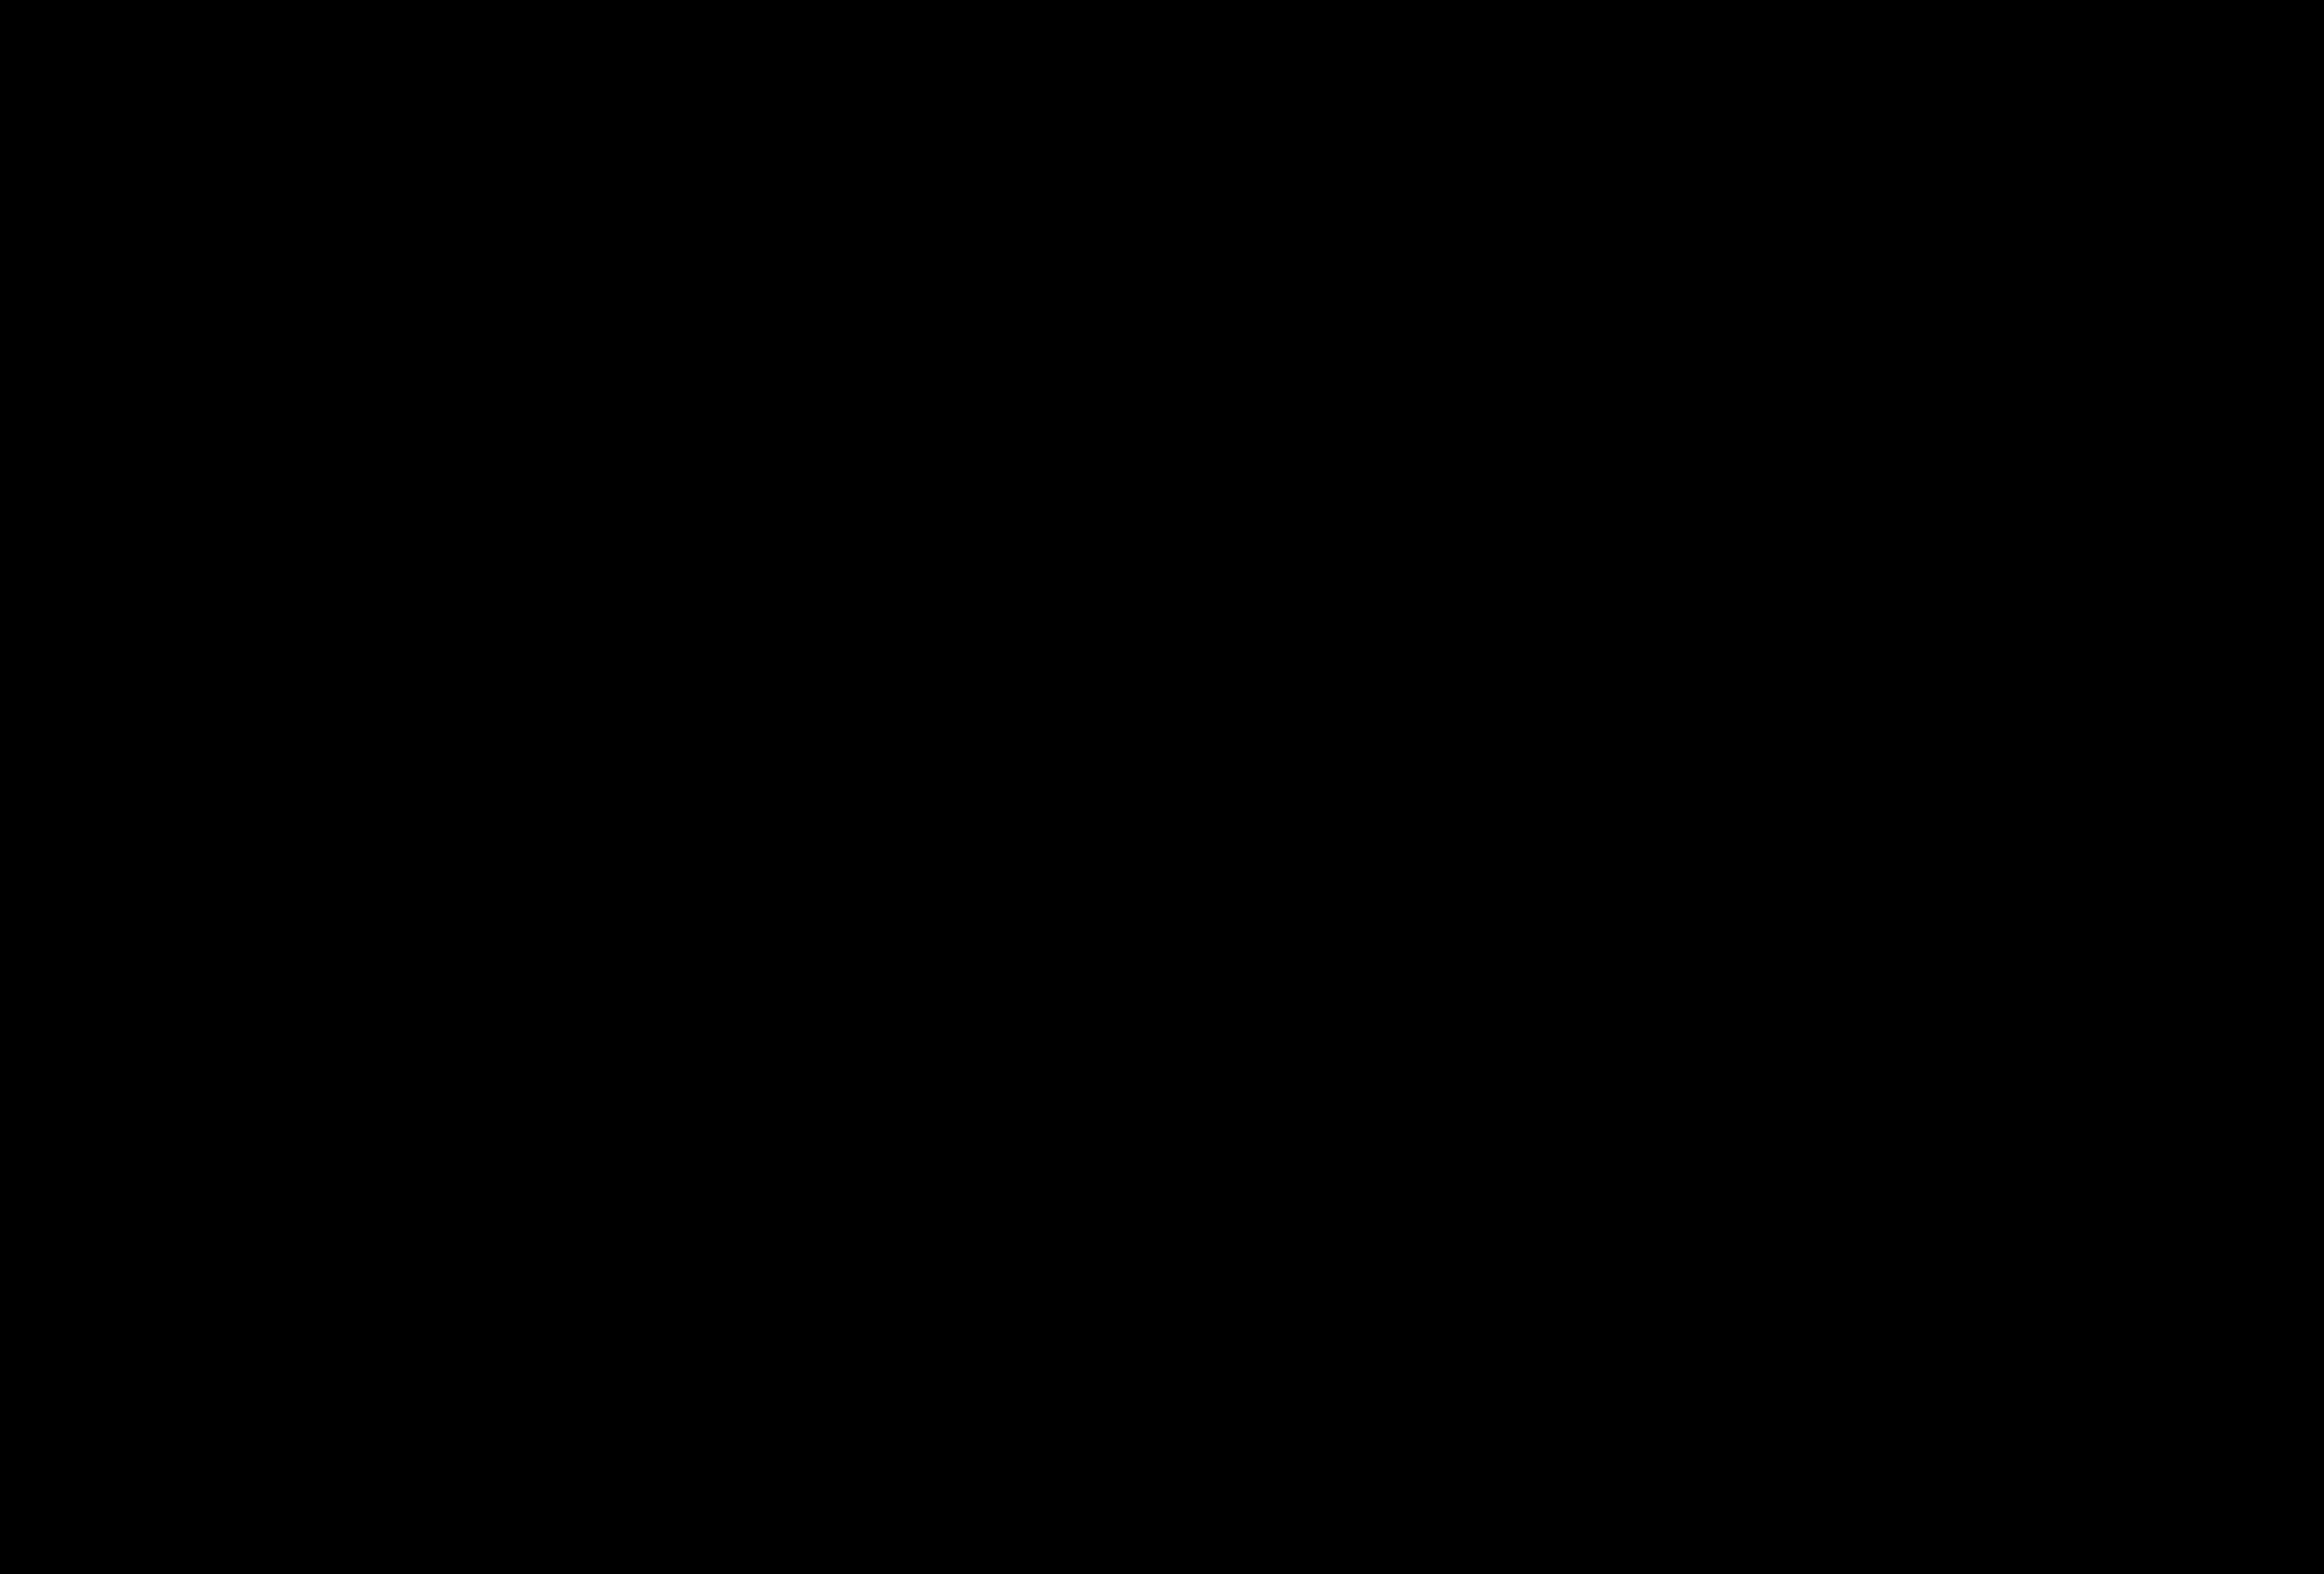 04-01.jpg